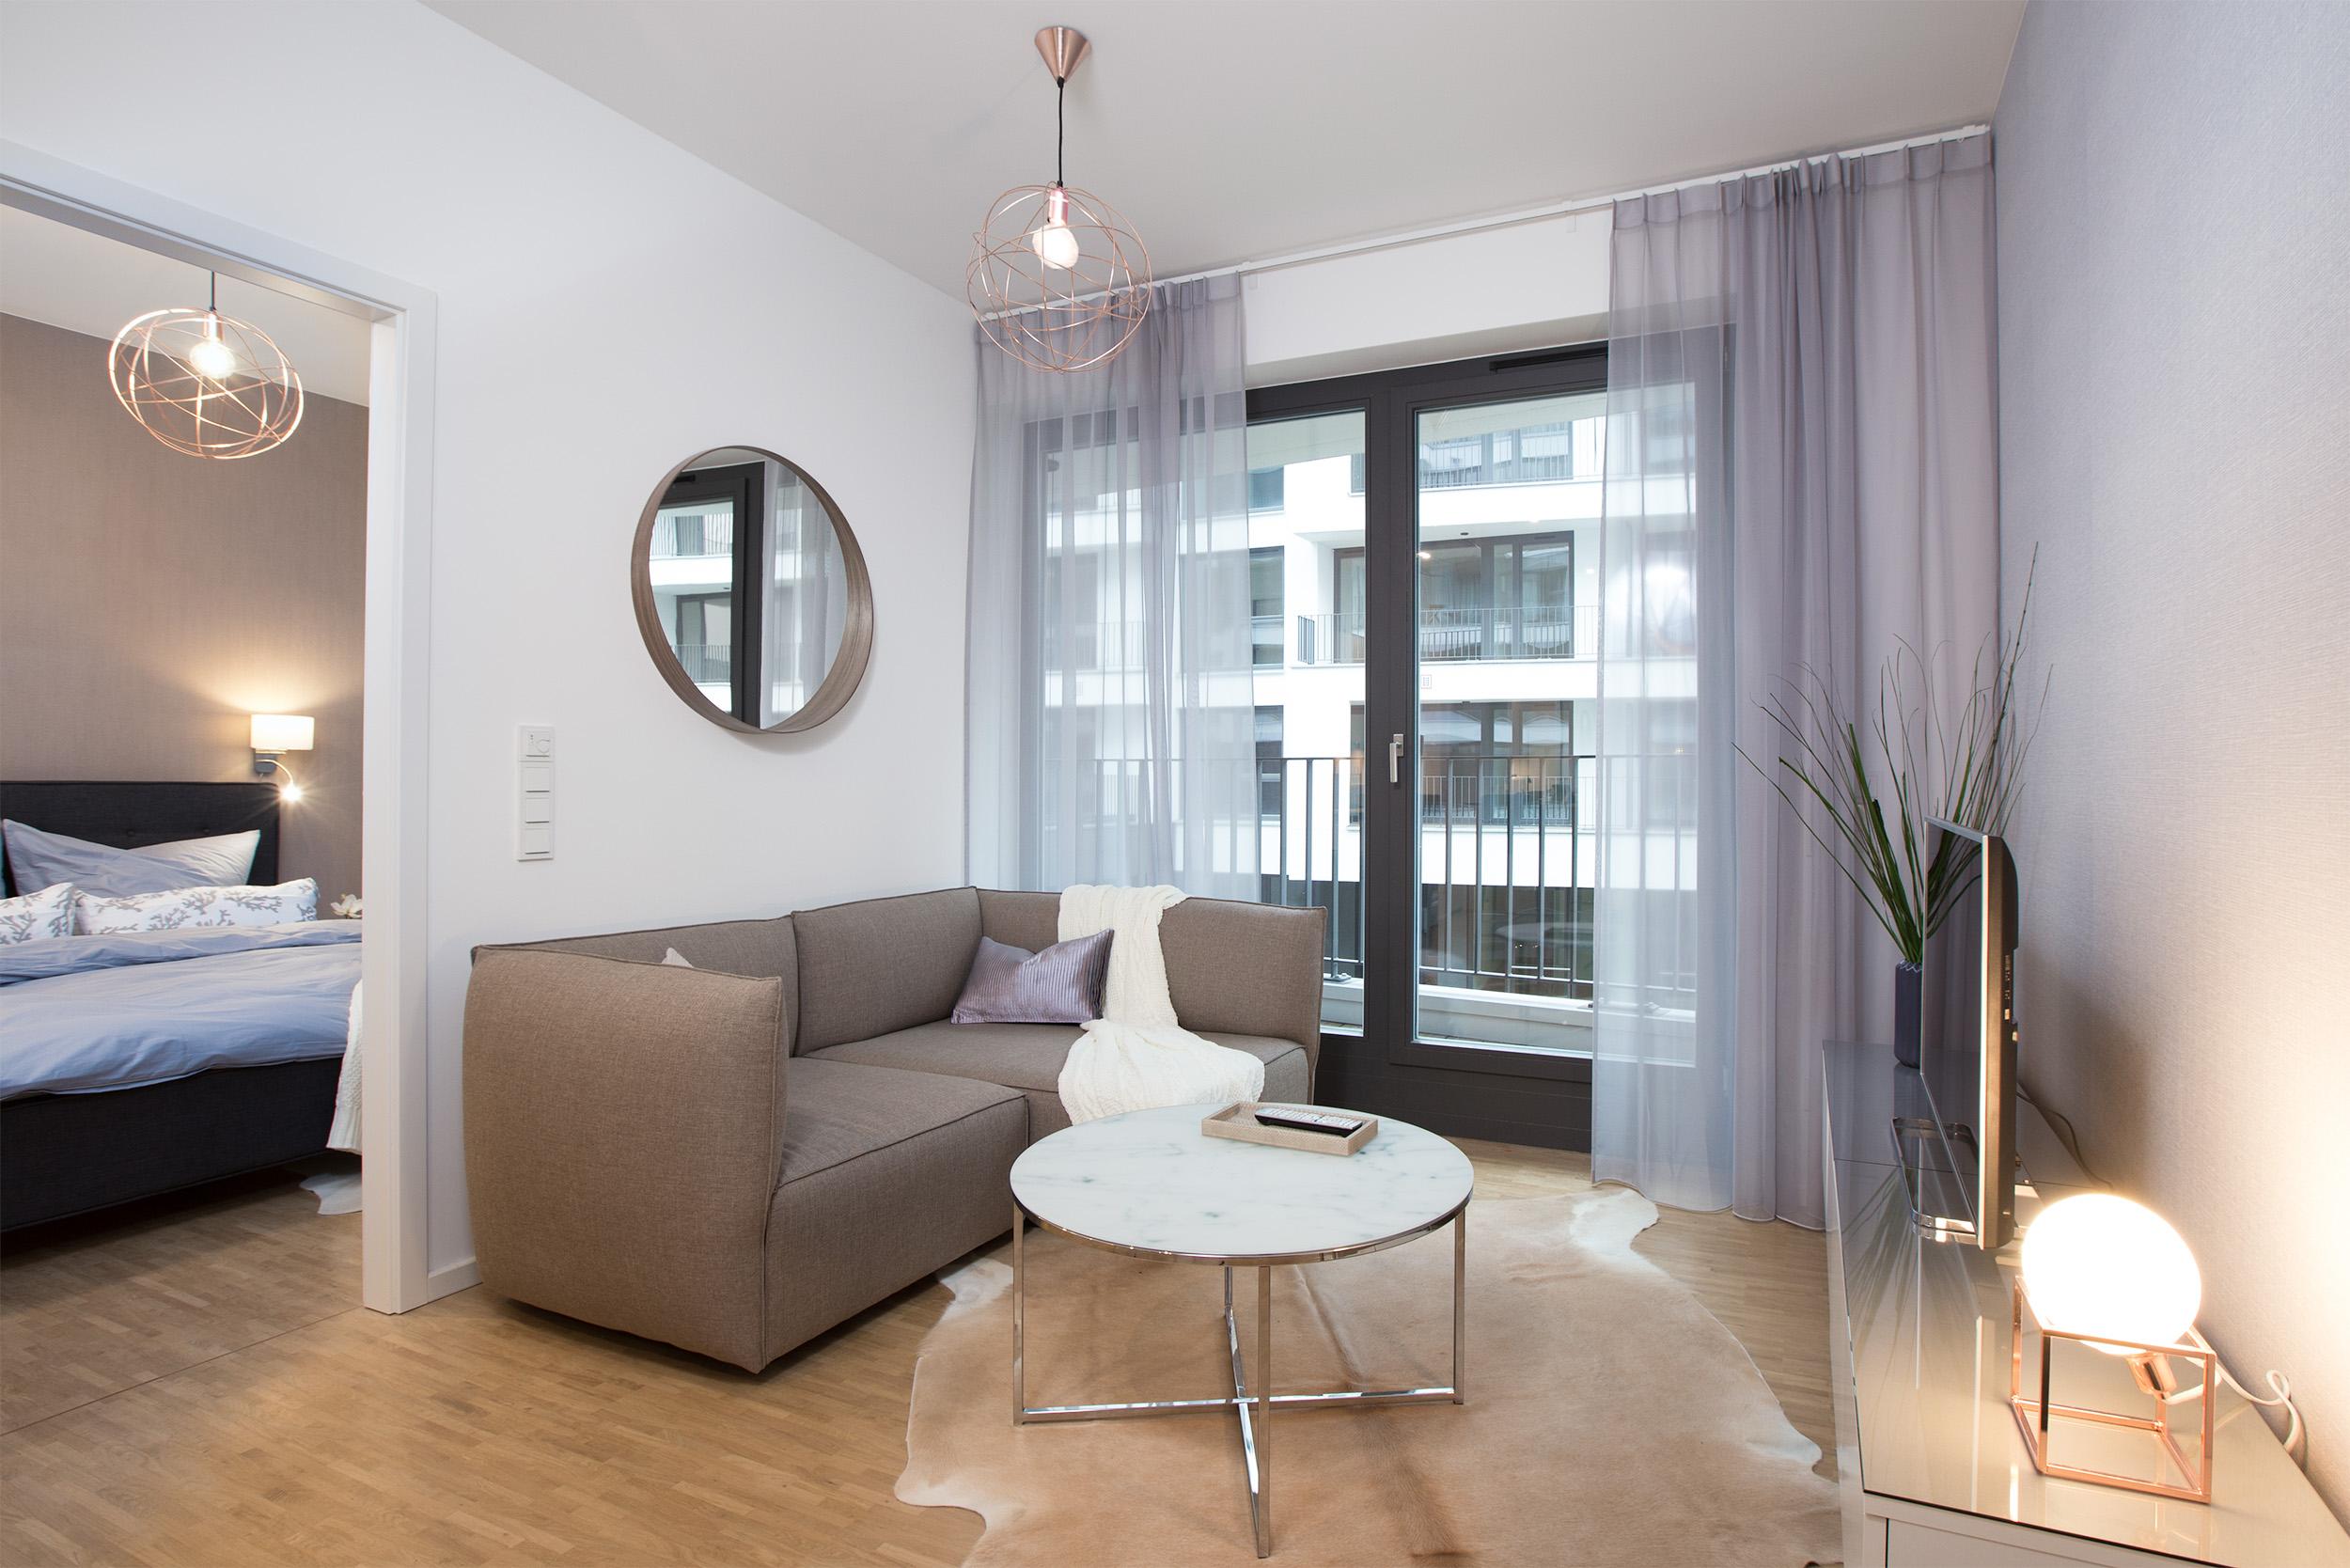 re-vamp+möbliertes+Mikropapartment+WE+145+Wohnzimmer.jpg